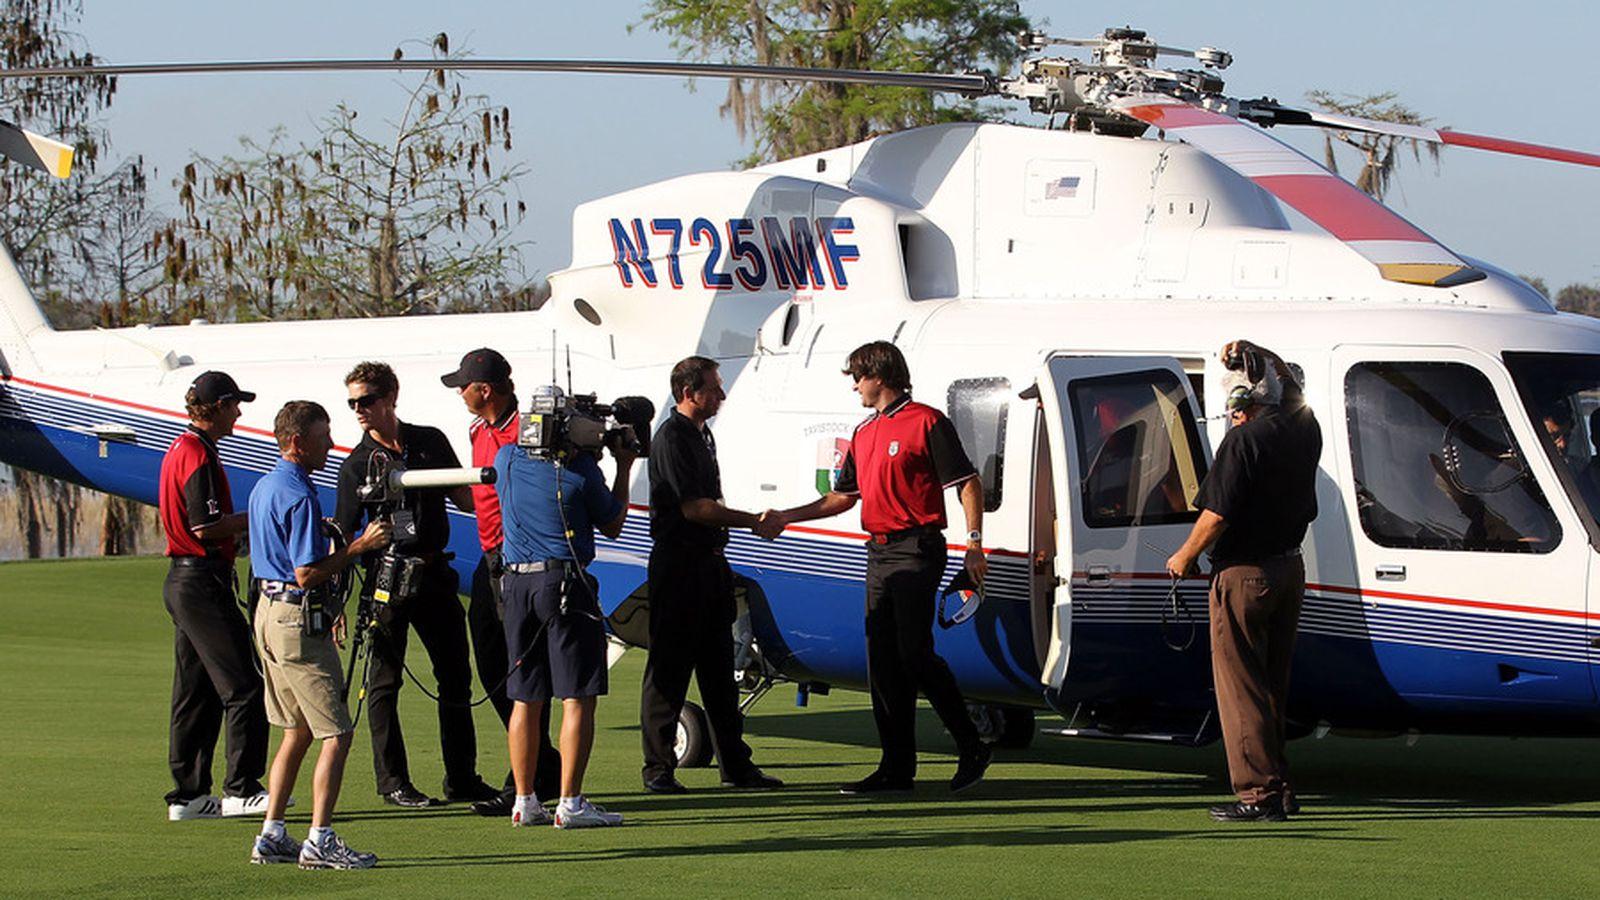 塔维斯托克杯:高尔夫中最糟糕的事件